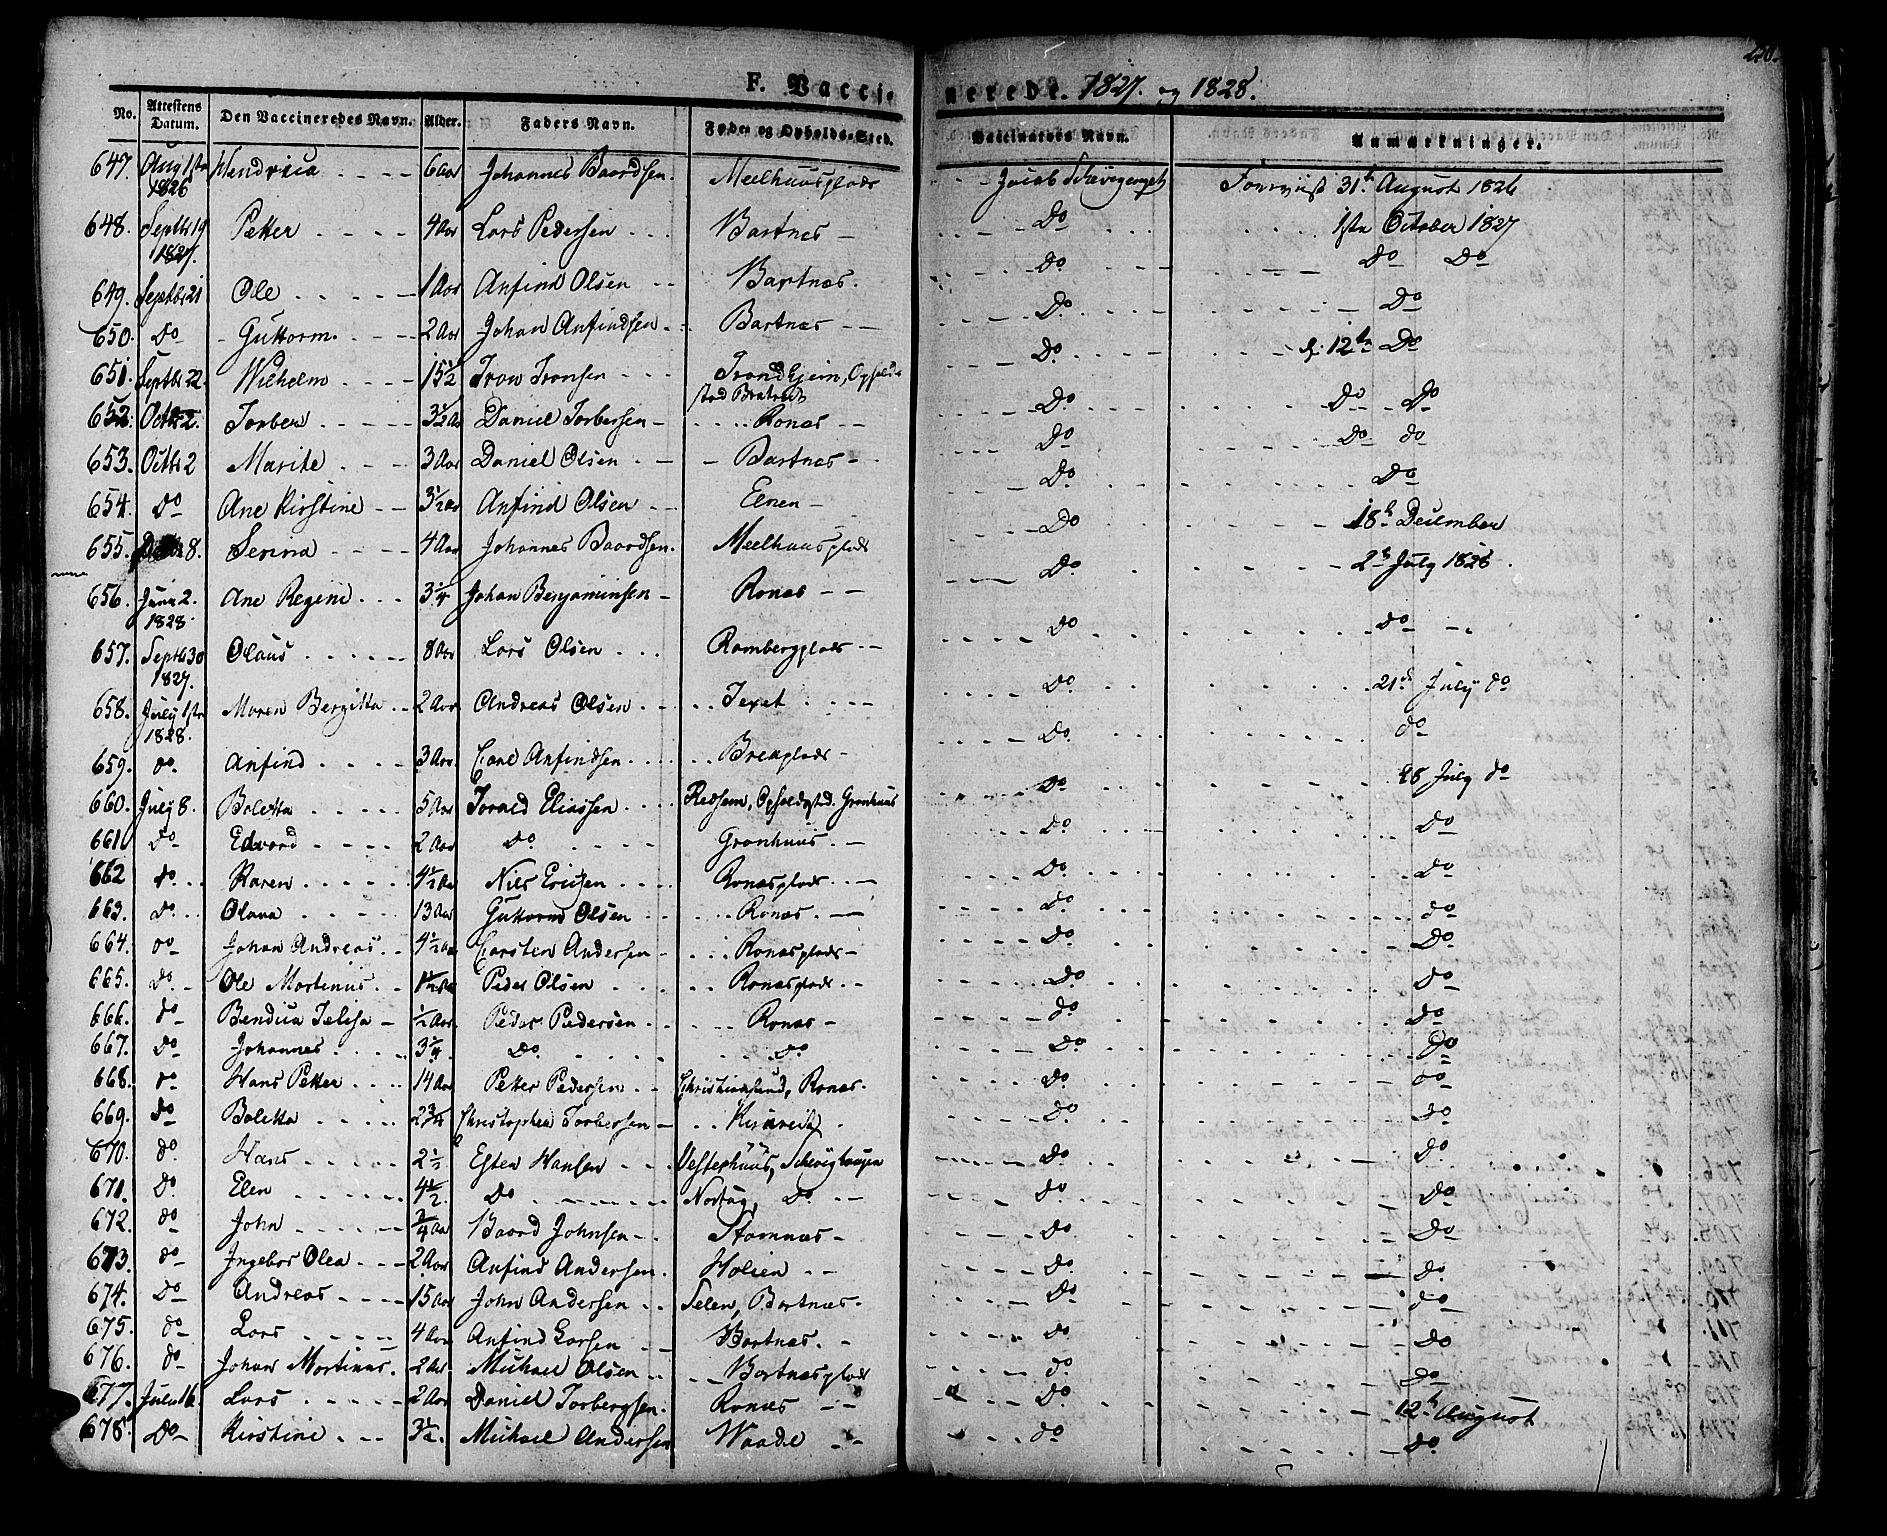 SAT, Ministerialprotokoller, klokkerbøker og fødselsregistre - Nord-Trøndelag, 741/L0390: Ministerialbok nr. 741A04, 1822-1836, s. 250